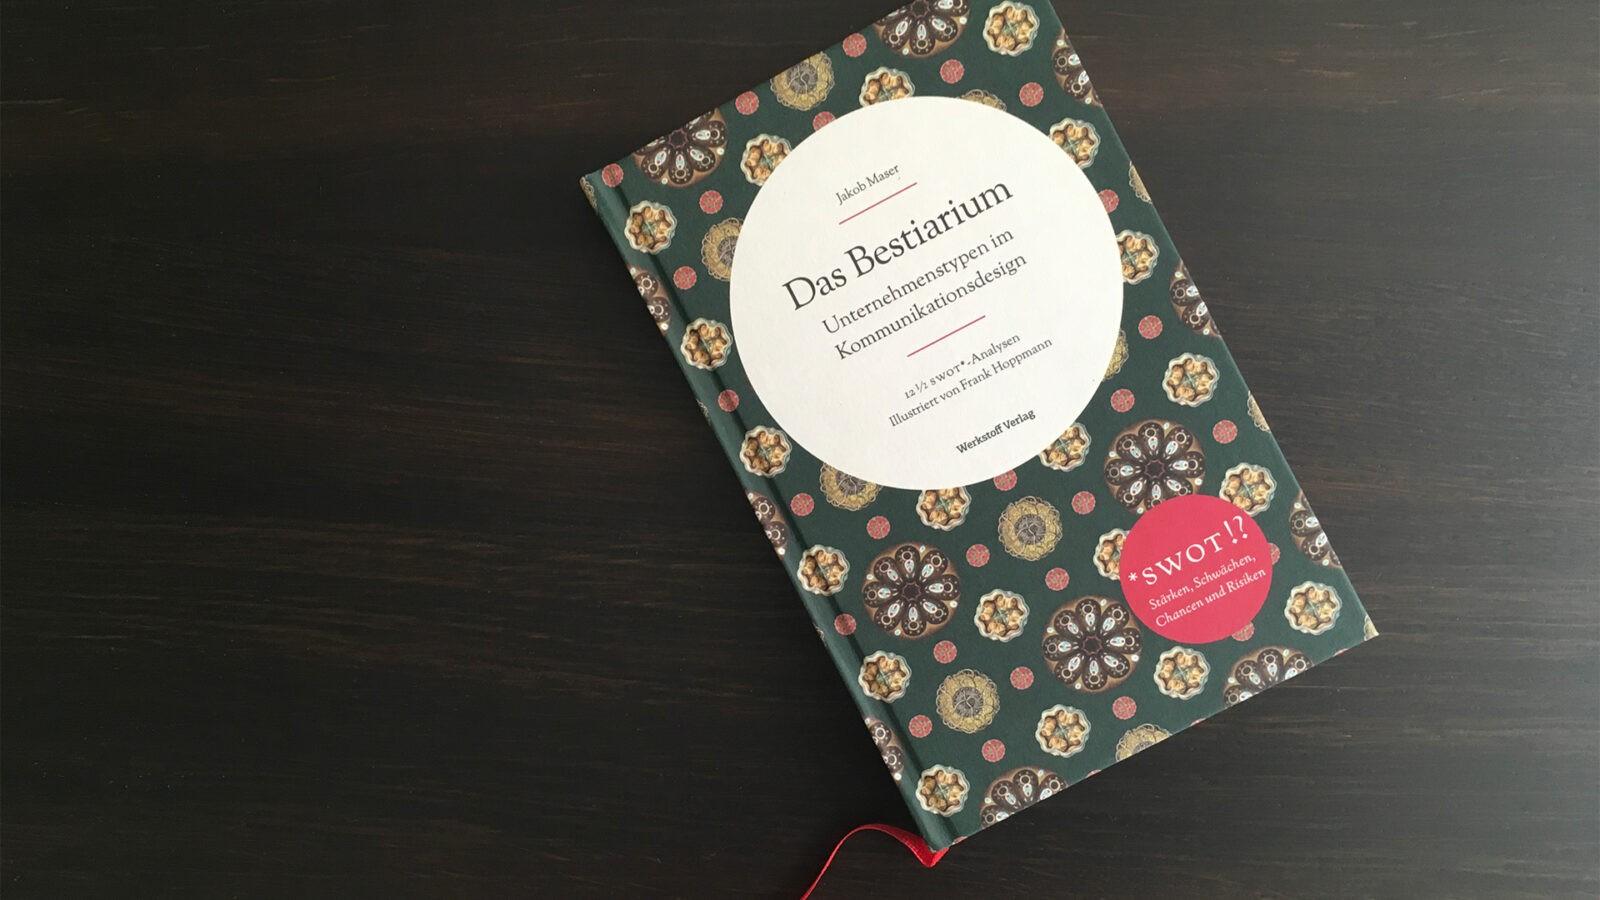 Mein erstes Buch